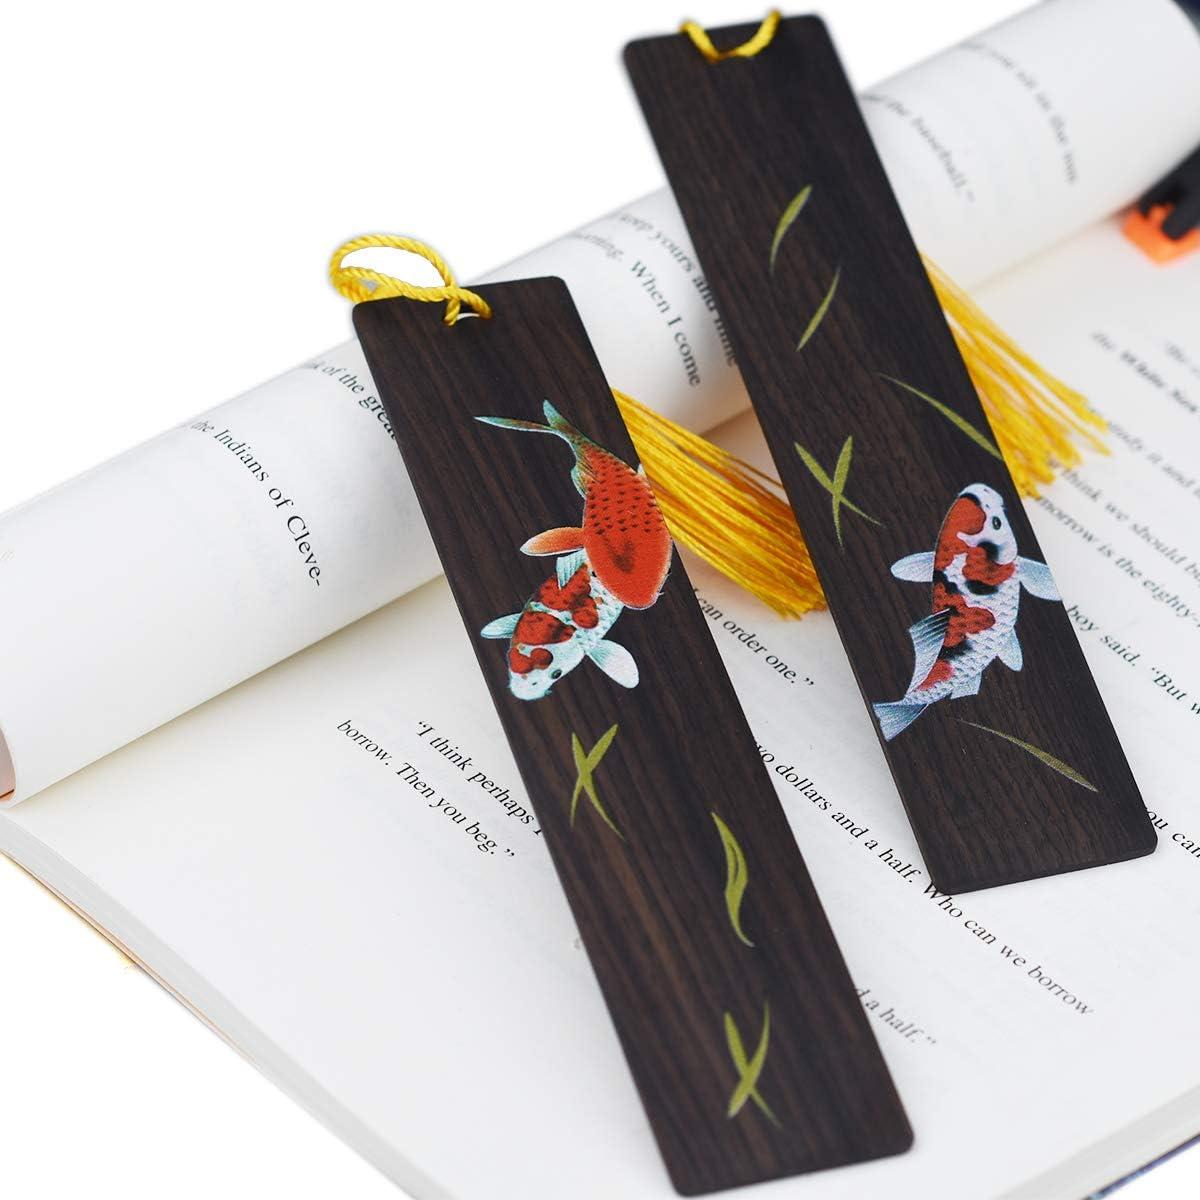 Handgemachte h/ölzerne Lesezeichen setzen Farbmalerei Seitenmarkierung f/ür Buchliebhaber Sammlung-Chinesisches Blumenschwarzes